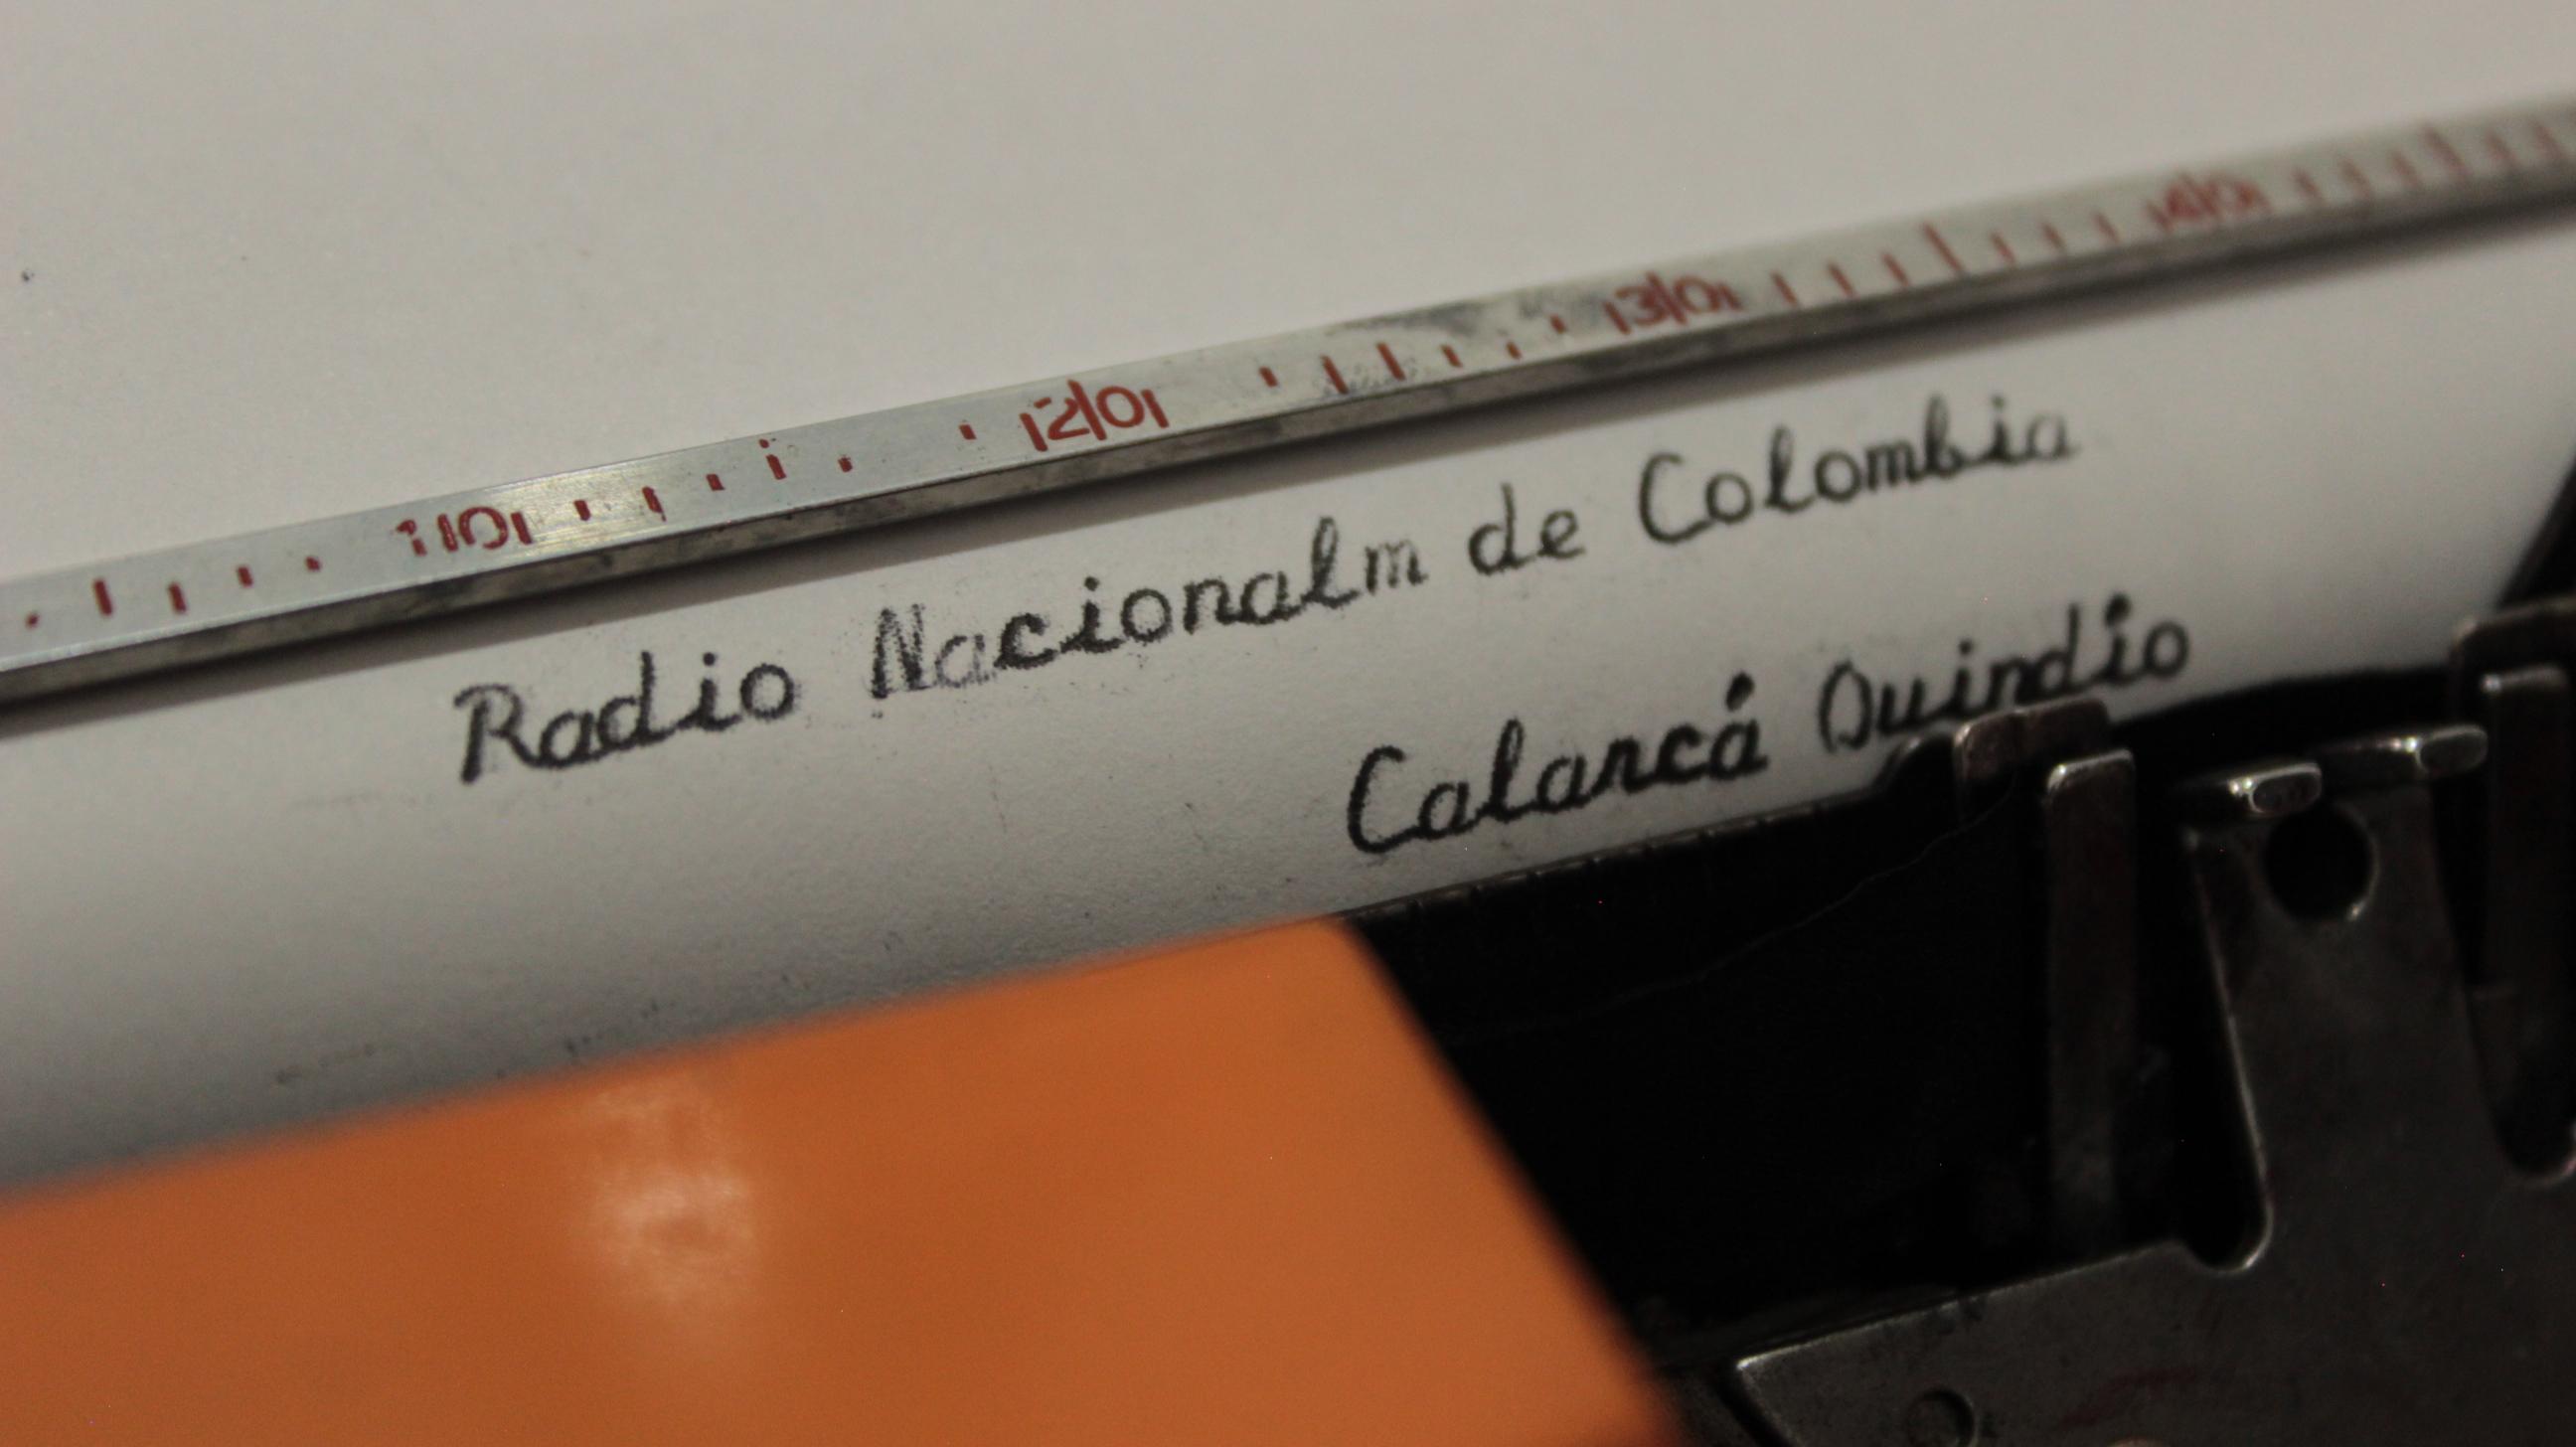 Foto: Nangibe Torres. Radio Nacional de Colombia.